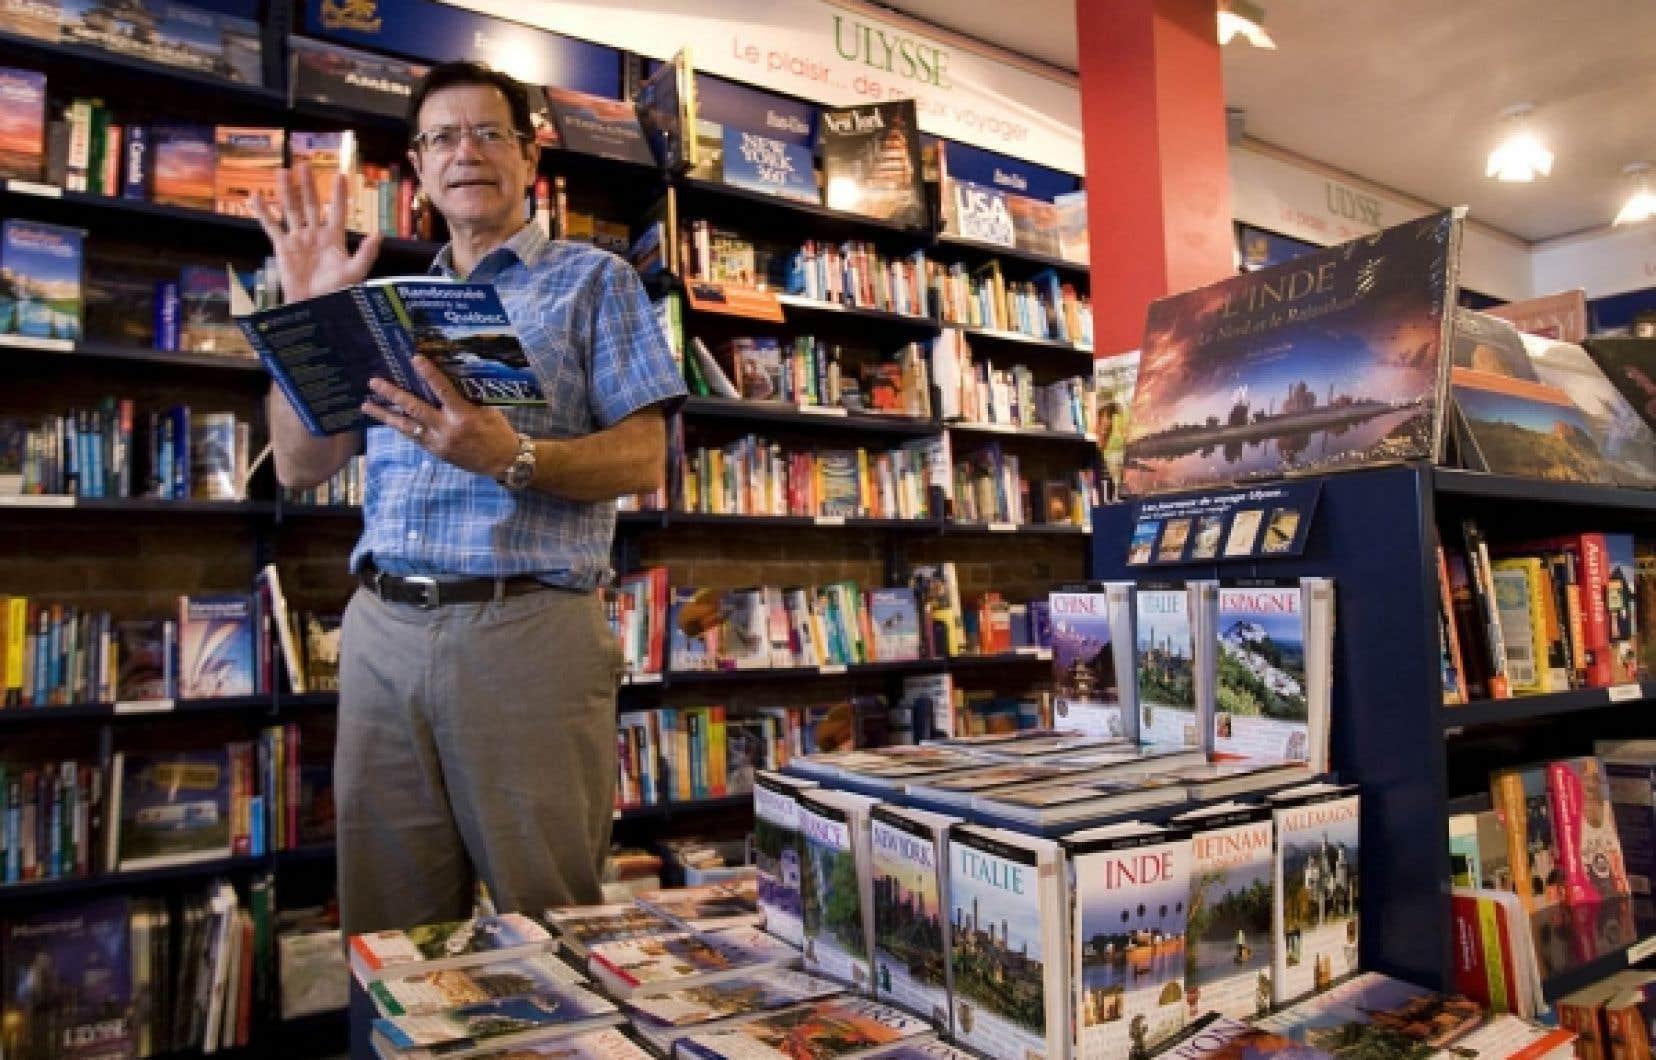 L'entrepreneur Daniel Desjardins a eu l'idée de ce qui deviendra la librairie de voyage Ulysse à l'âge de 24 ans. <br />